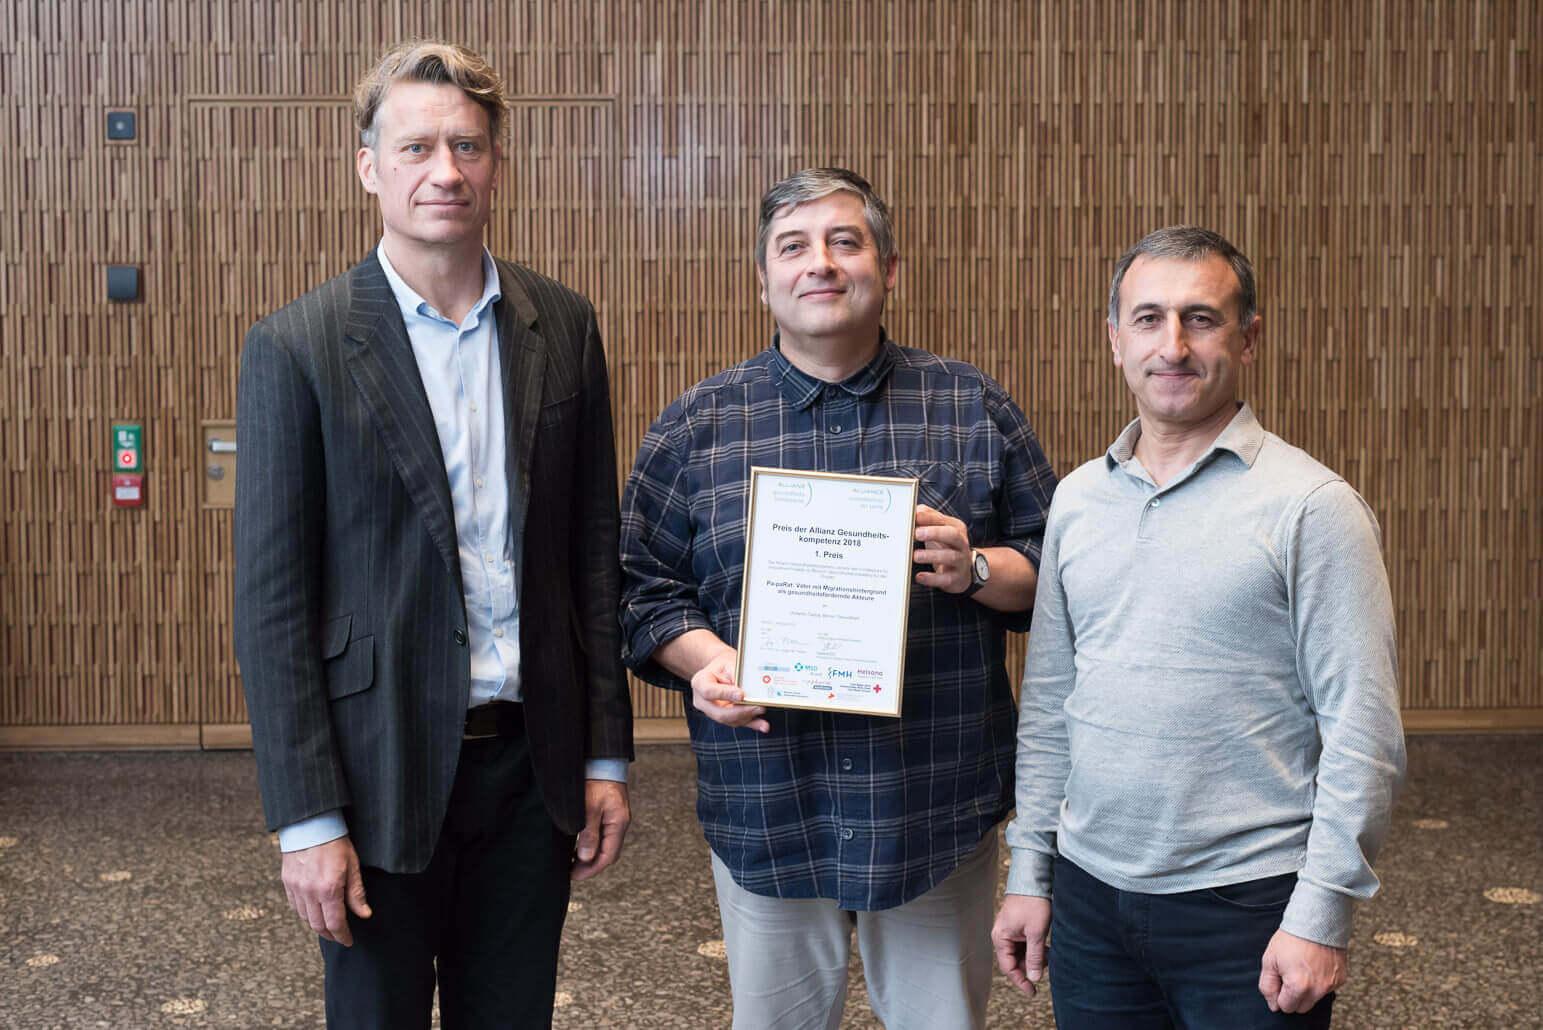 Geschäftsführer Christian Ryser, Projektleiter Umberto Castra und «Pa-paRat»-Moderator Kemal Sönmez freuen sich über den 1. Preis der Allianz Gesundheitskompetenz.